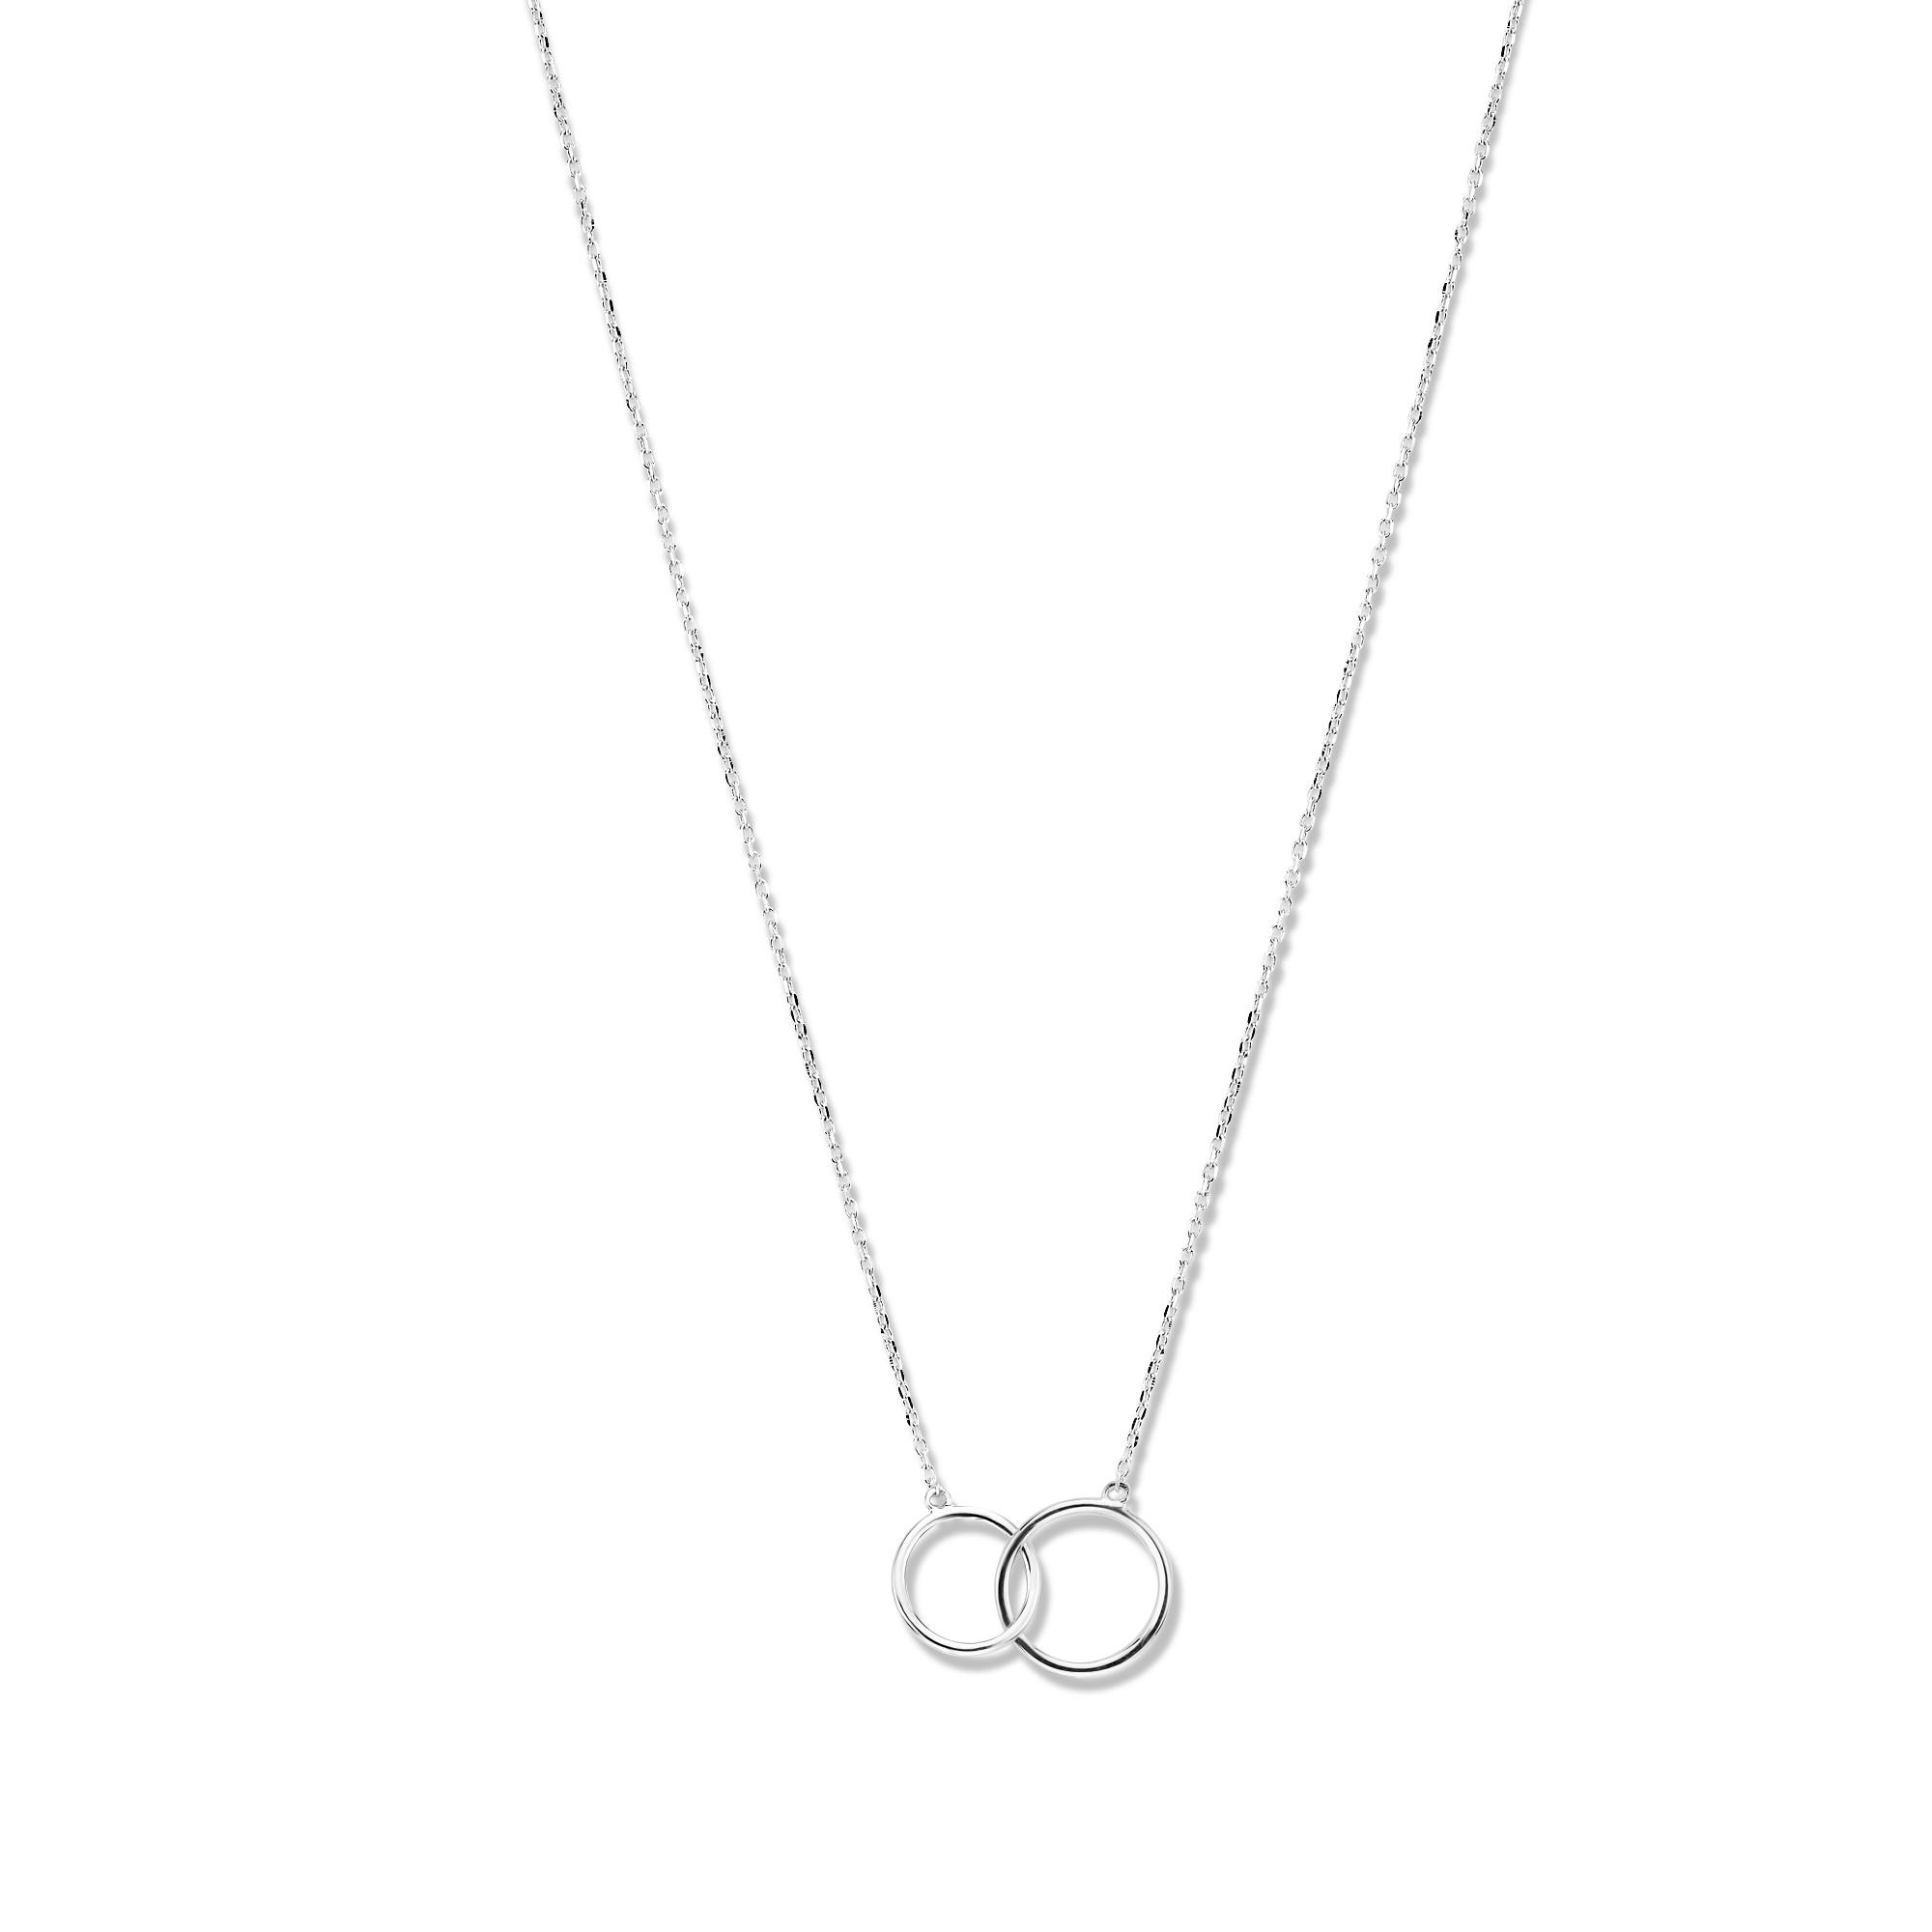 Isabel Bernard Saint Germain Loulou 585er Weißgold Kette mit Ringen